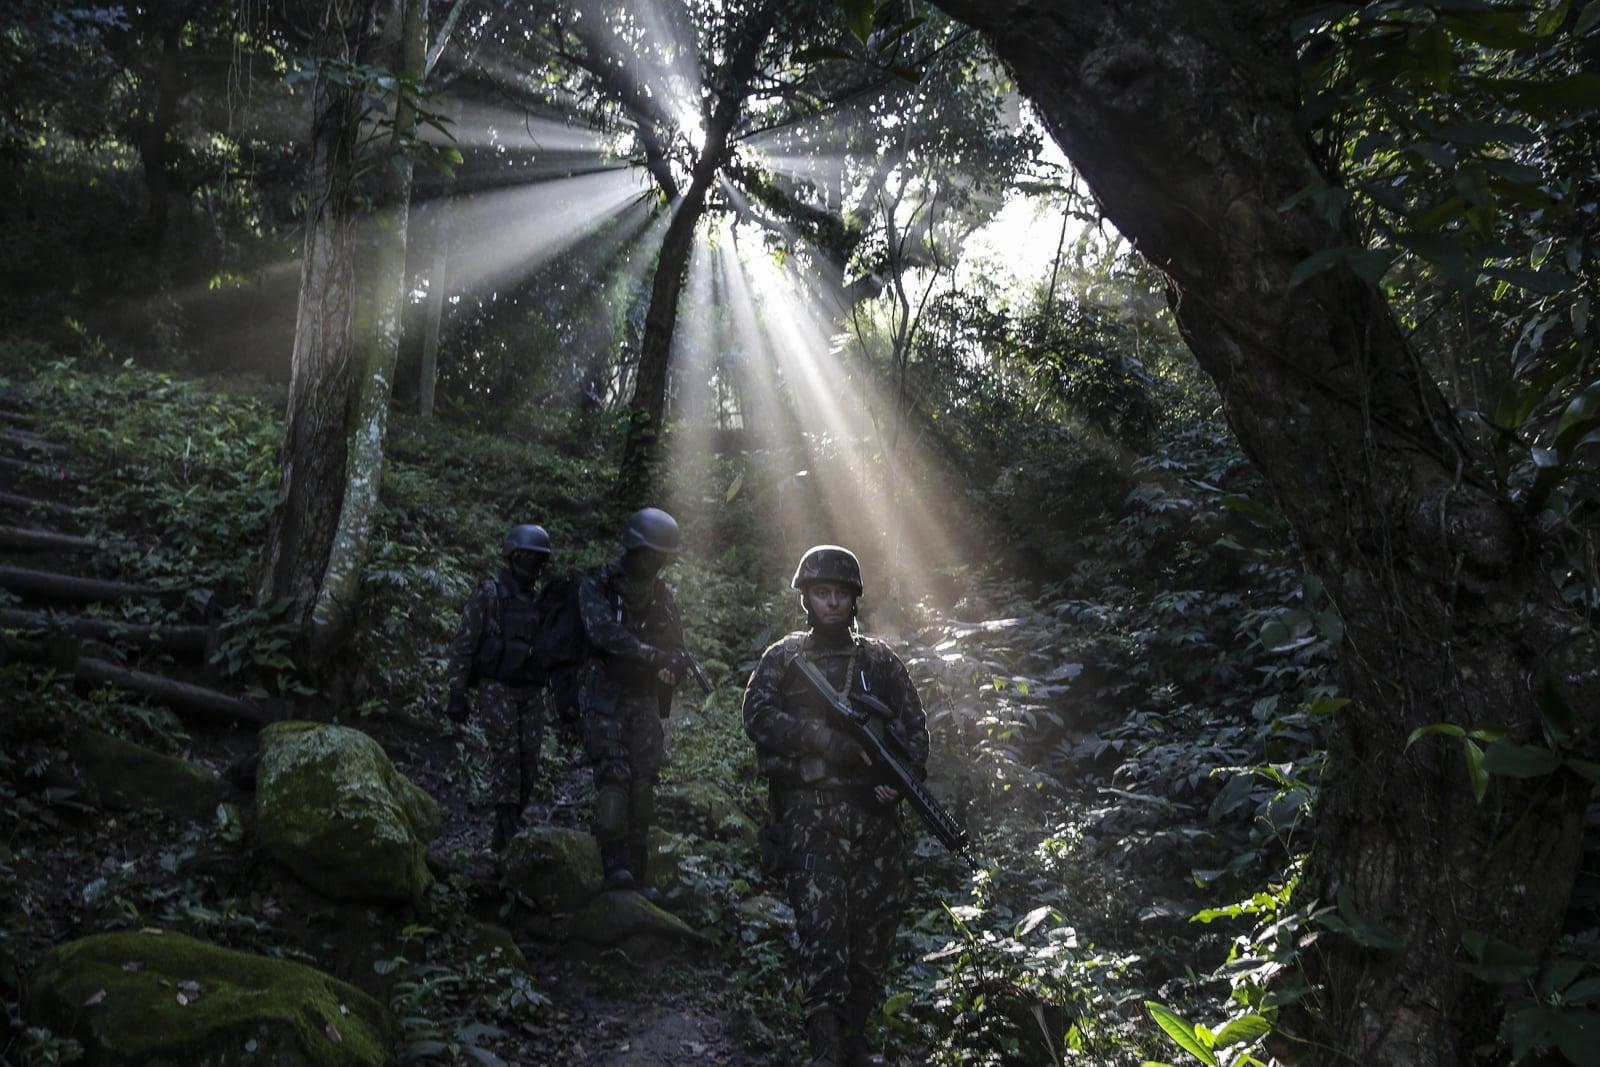 Walka z przemytnikami narkotyków w Brazylii fot. EPA/Antonio Lacerda Dostawca: PAP/EPA.